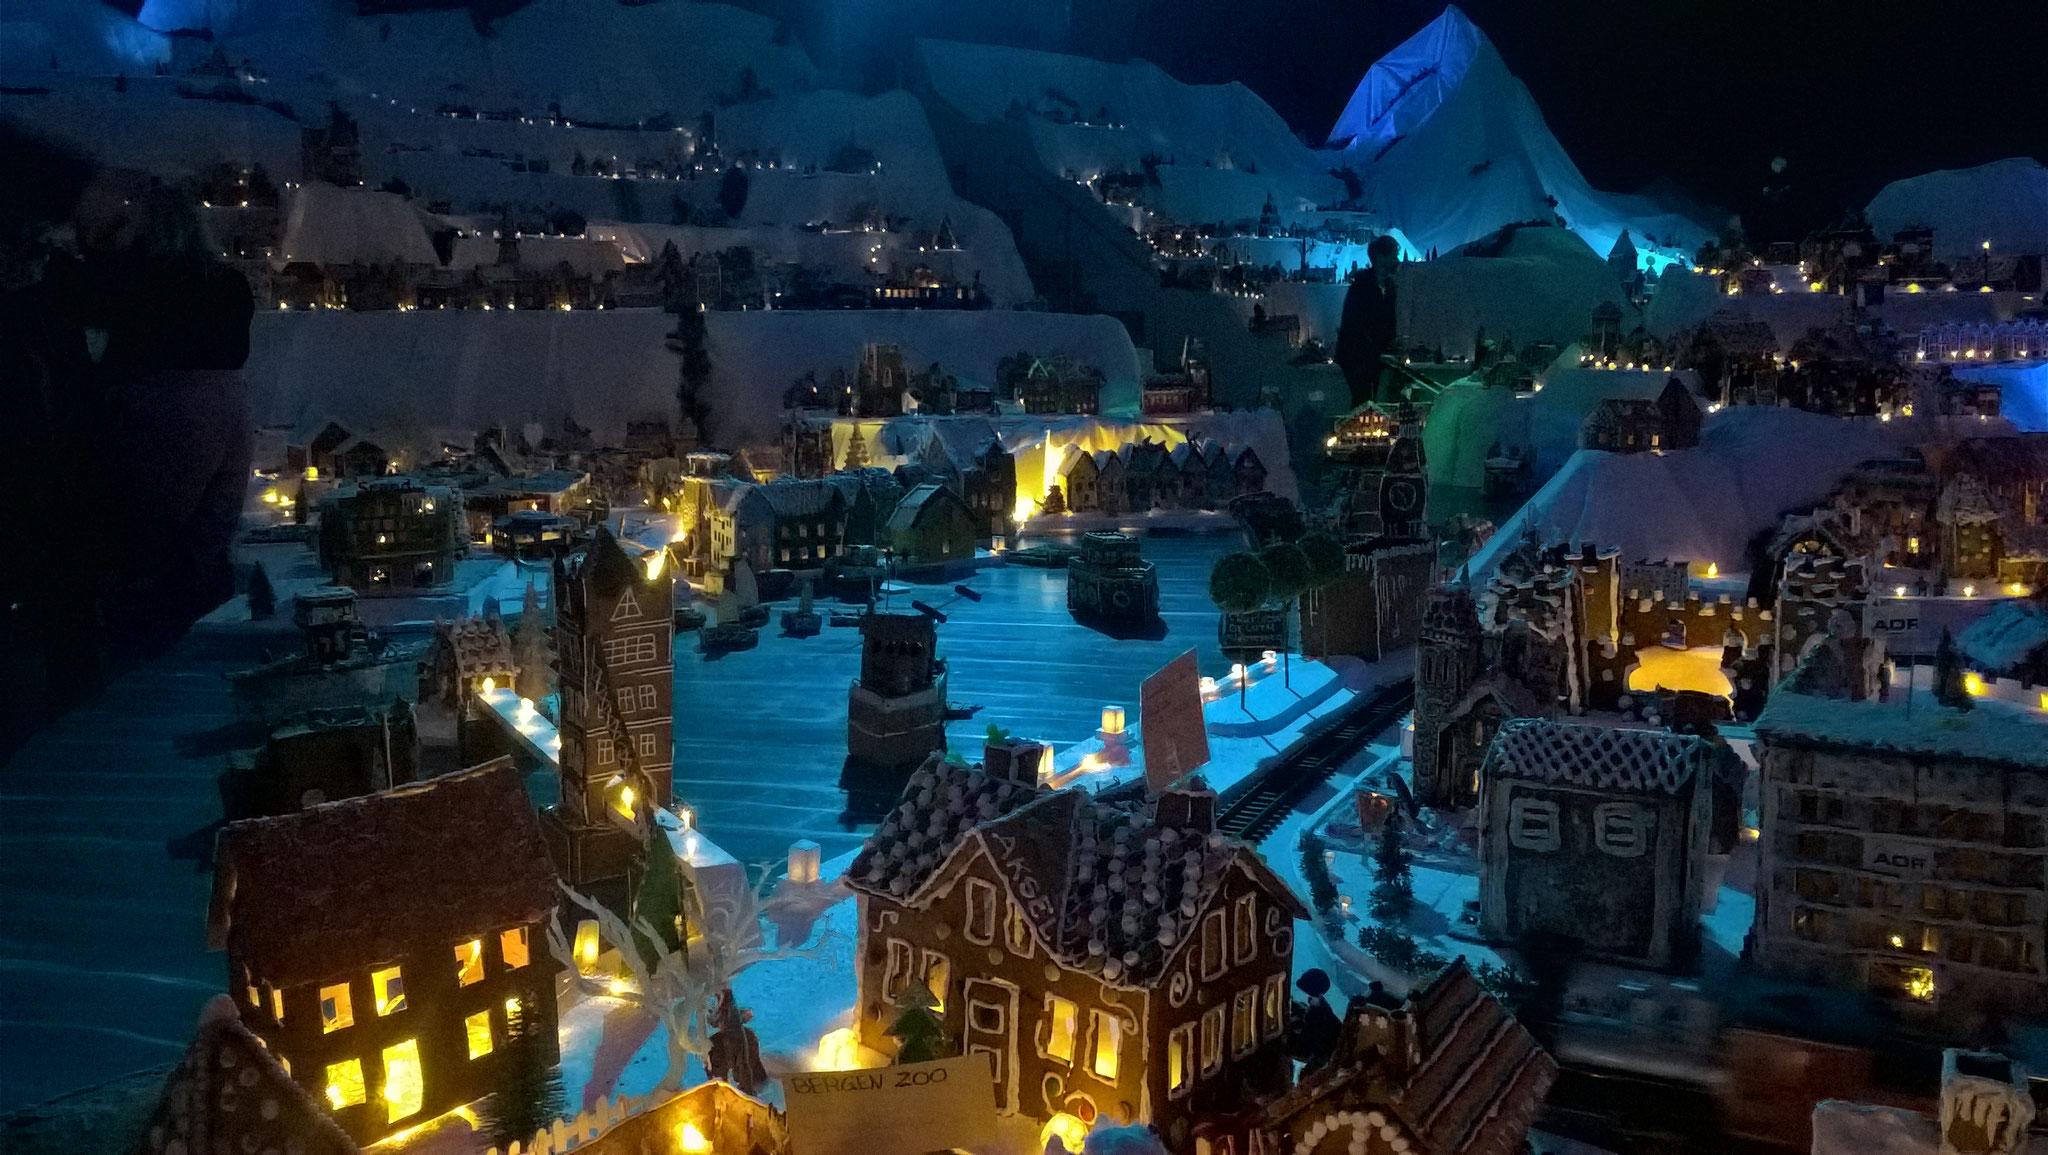 Bergen als Pfefferkuchenstadt ist ein Highlight in der Adventszeit